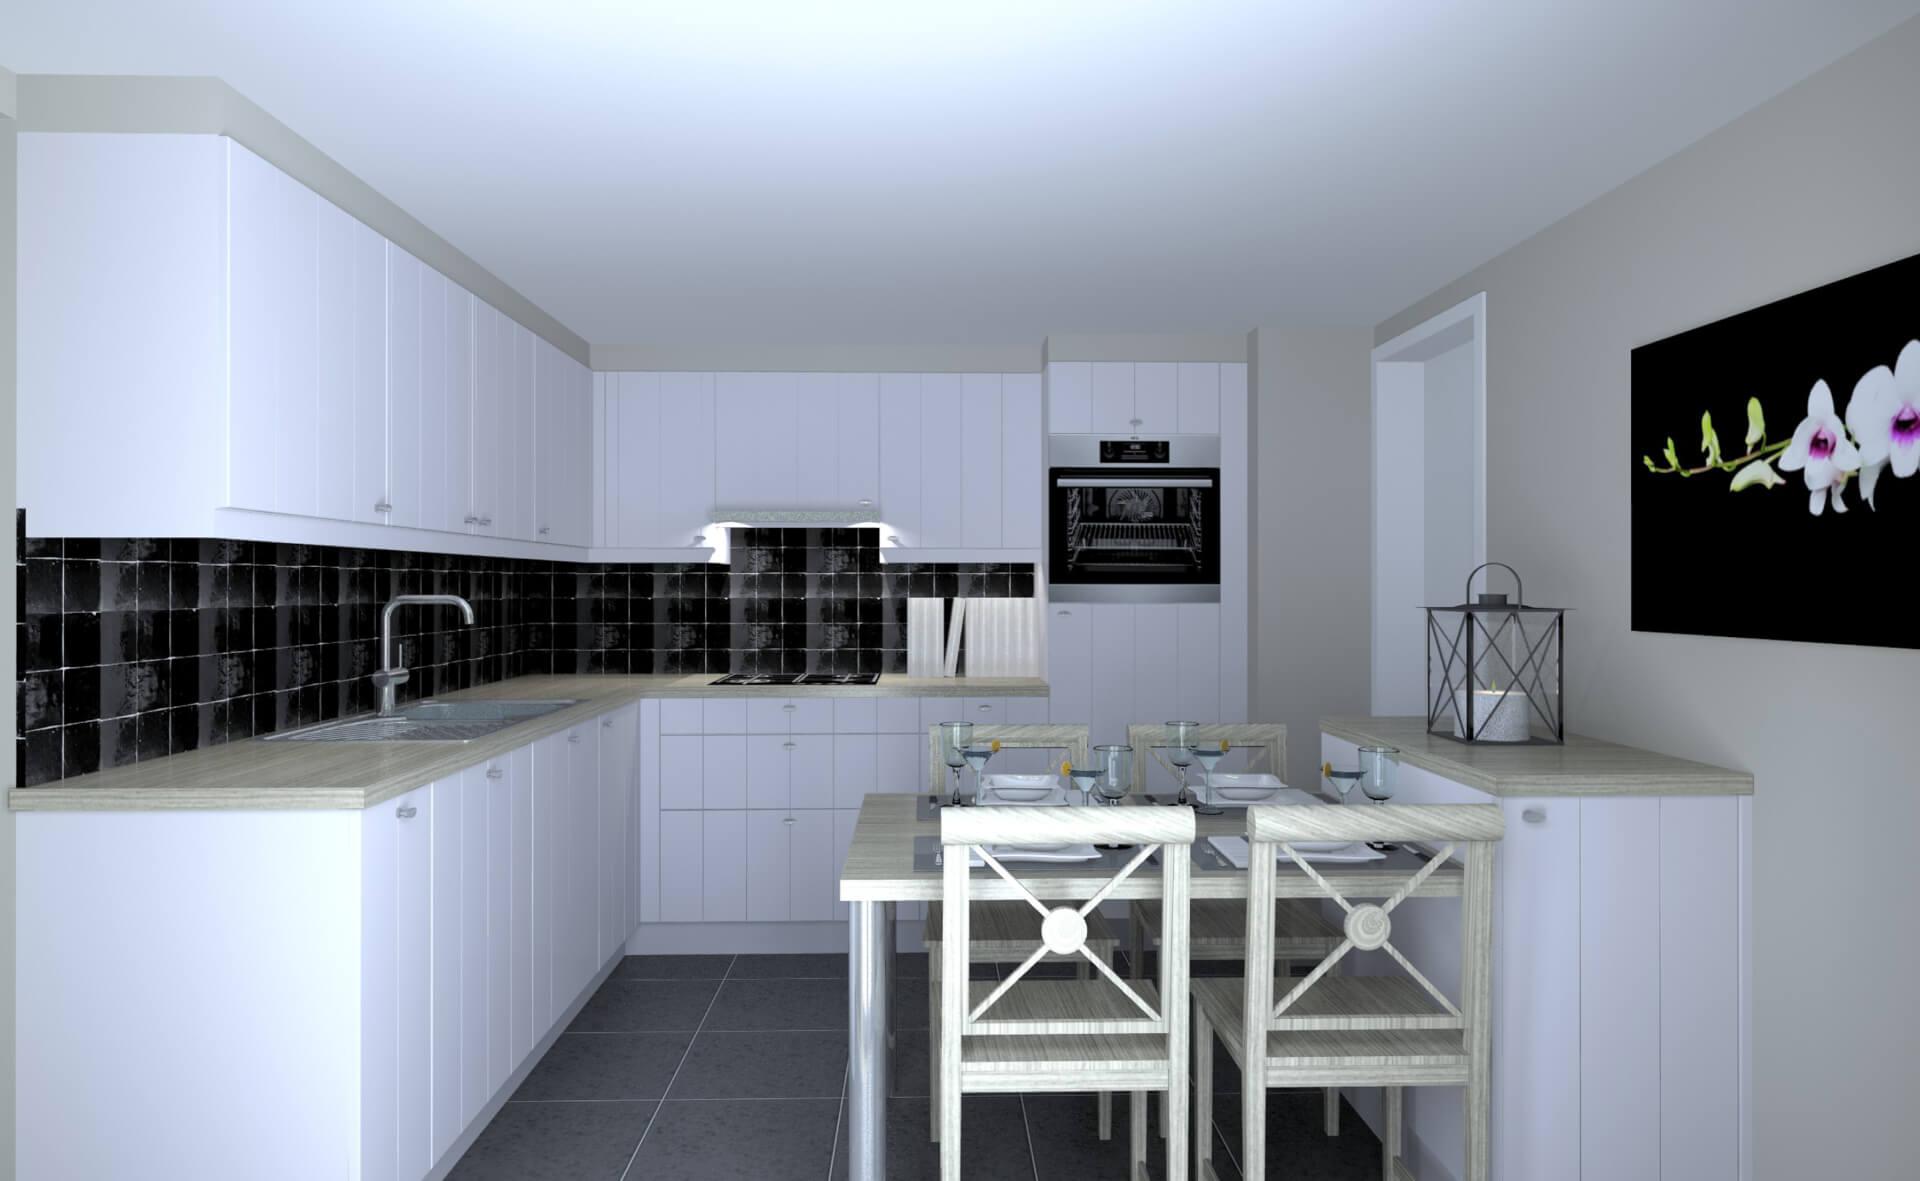 3d Keuken Ontwerpen : Creato keukens d ontwerpen